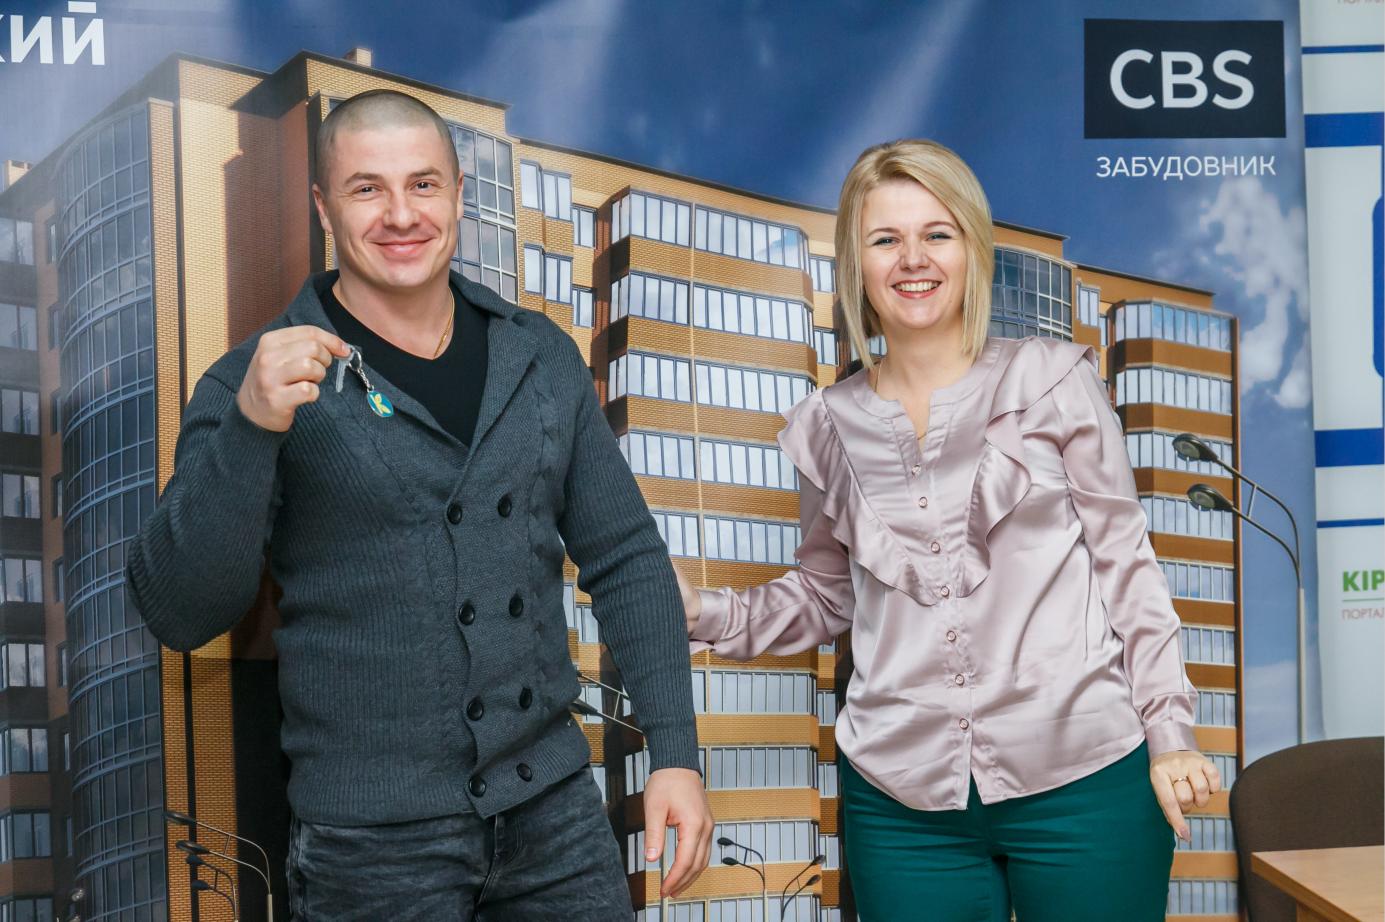 У Кропивницькому щасливі власники квартир другої черги житлового комплексу «Ковалівський» отримали свої ключі від забудовника «CBS Холдинг», фото-3